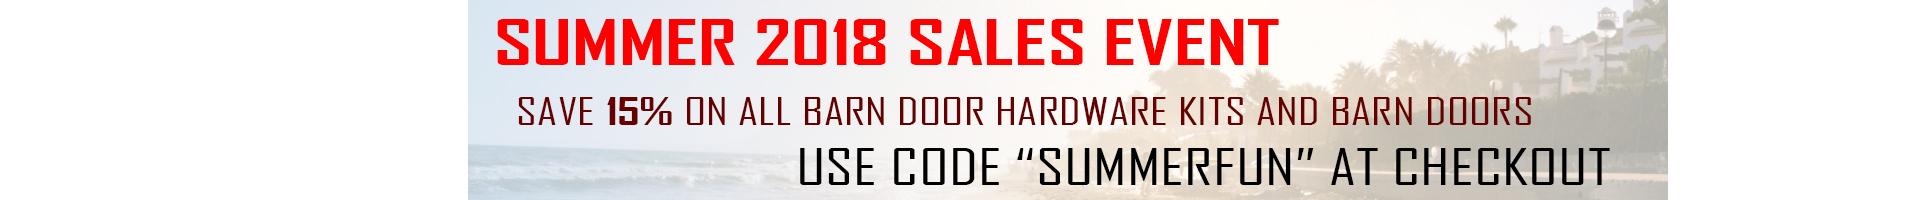 save 15% on all barn door hardware kits and barn doors